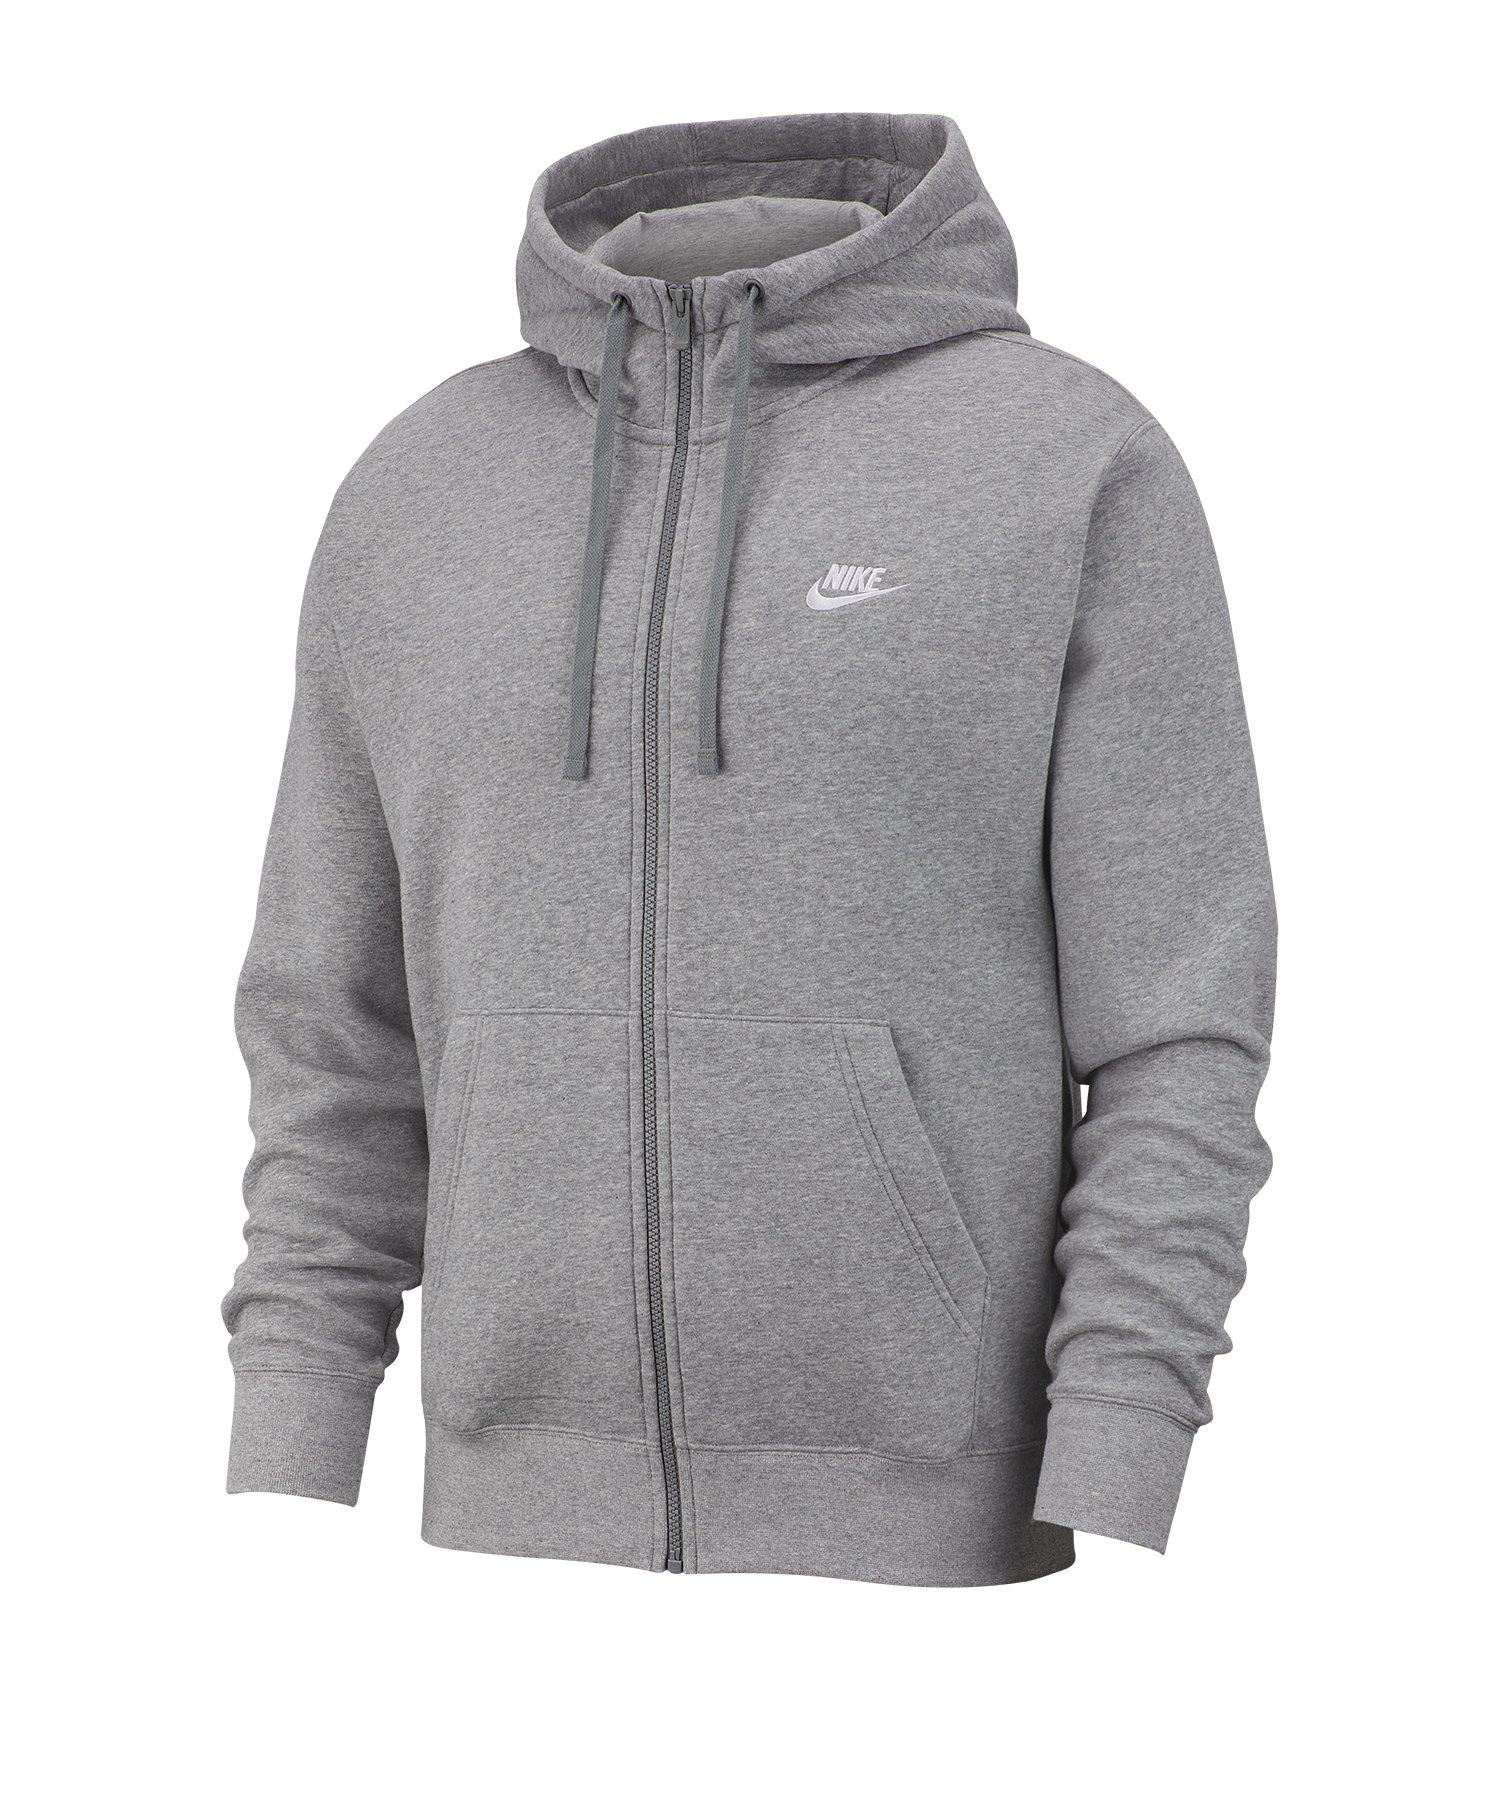 Nike Club Fleece Kapuzenjacke Grau F063 - grau